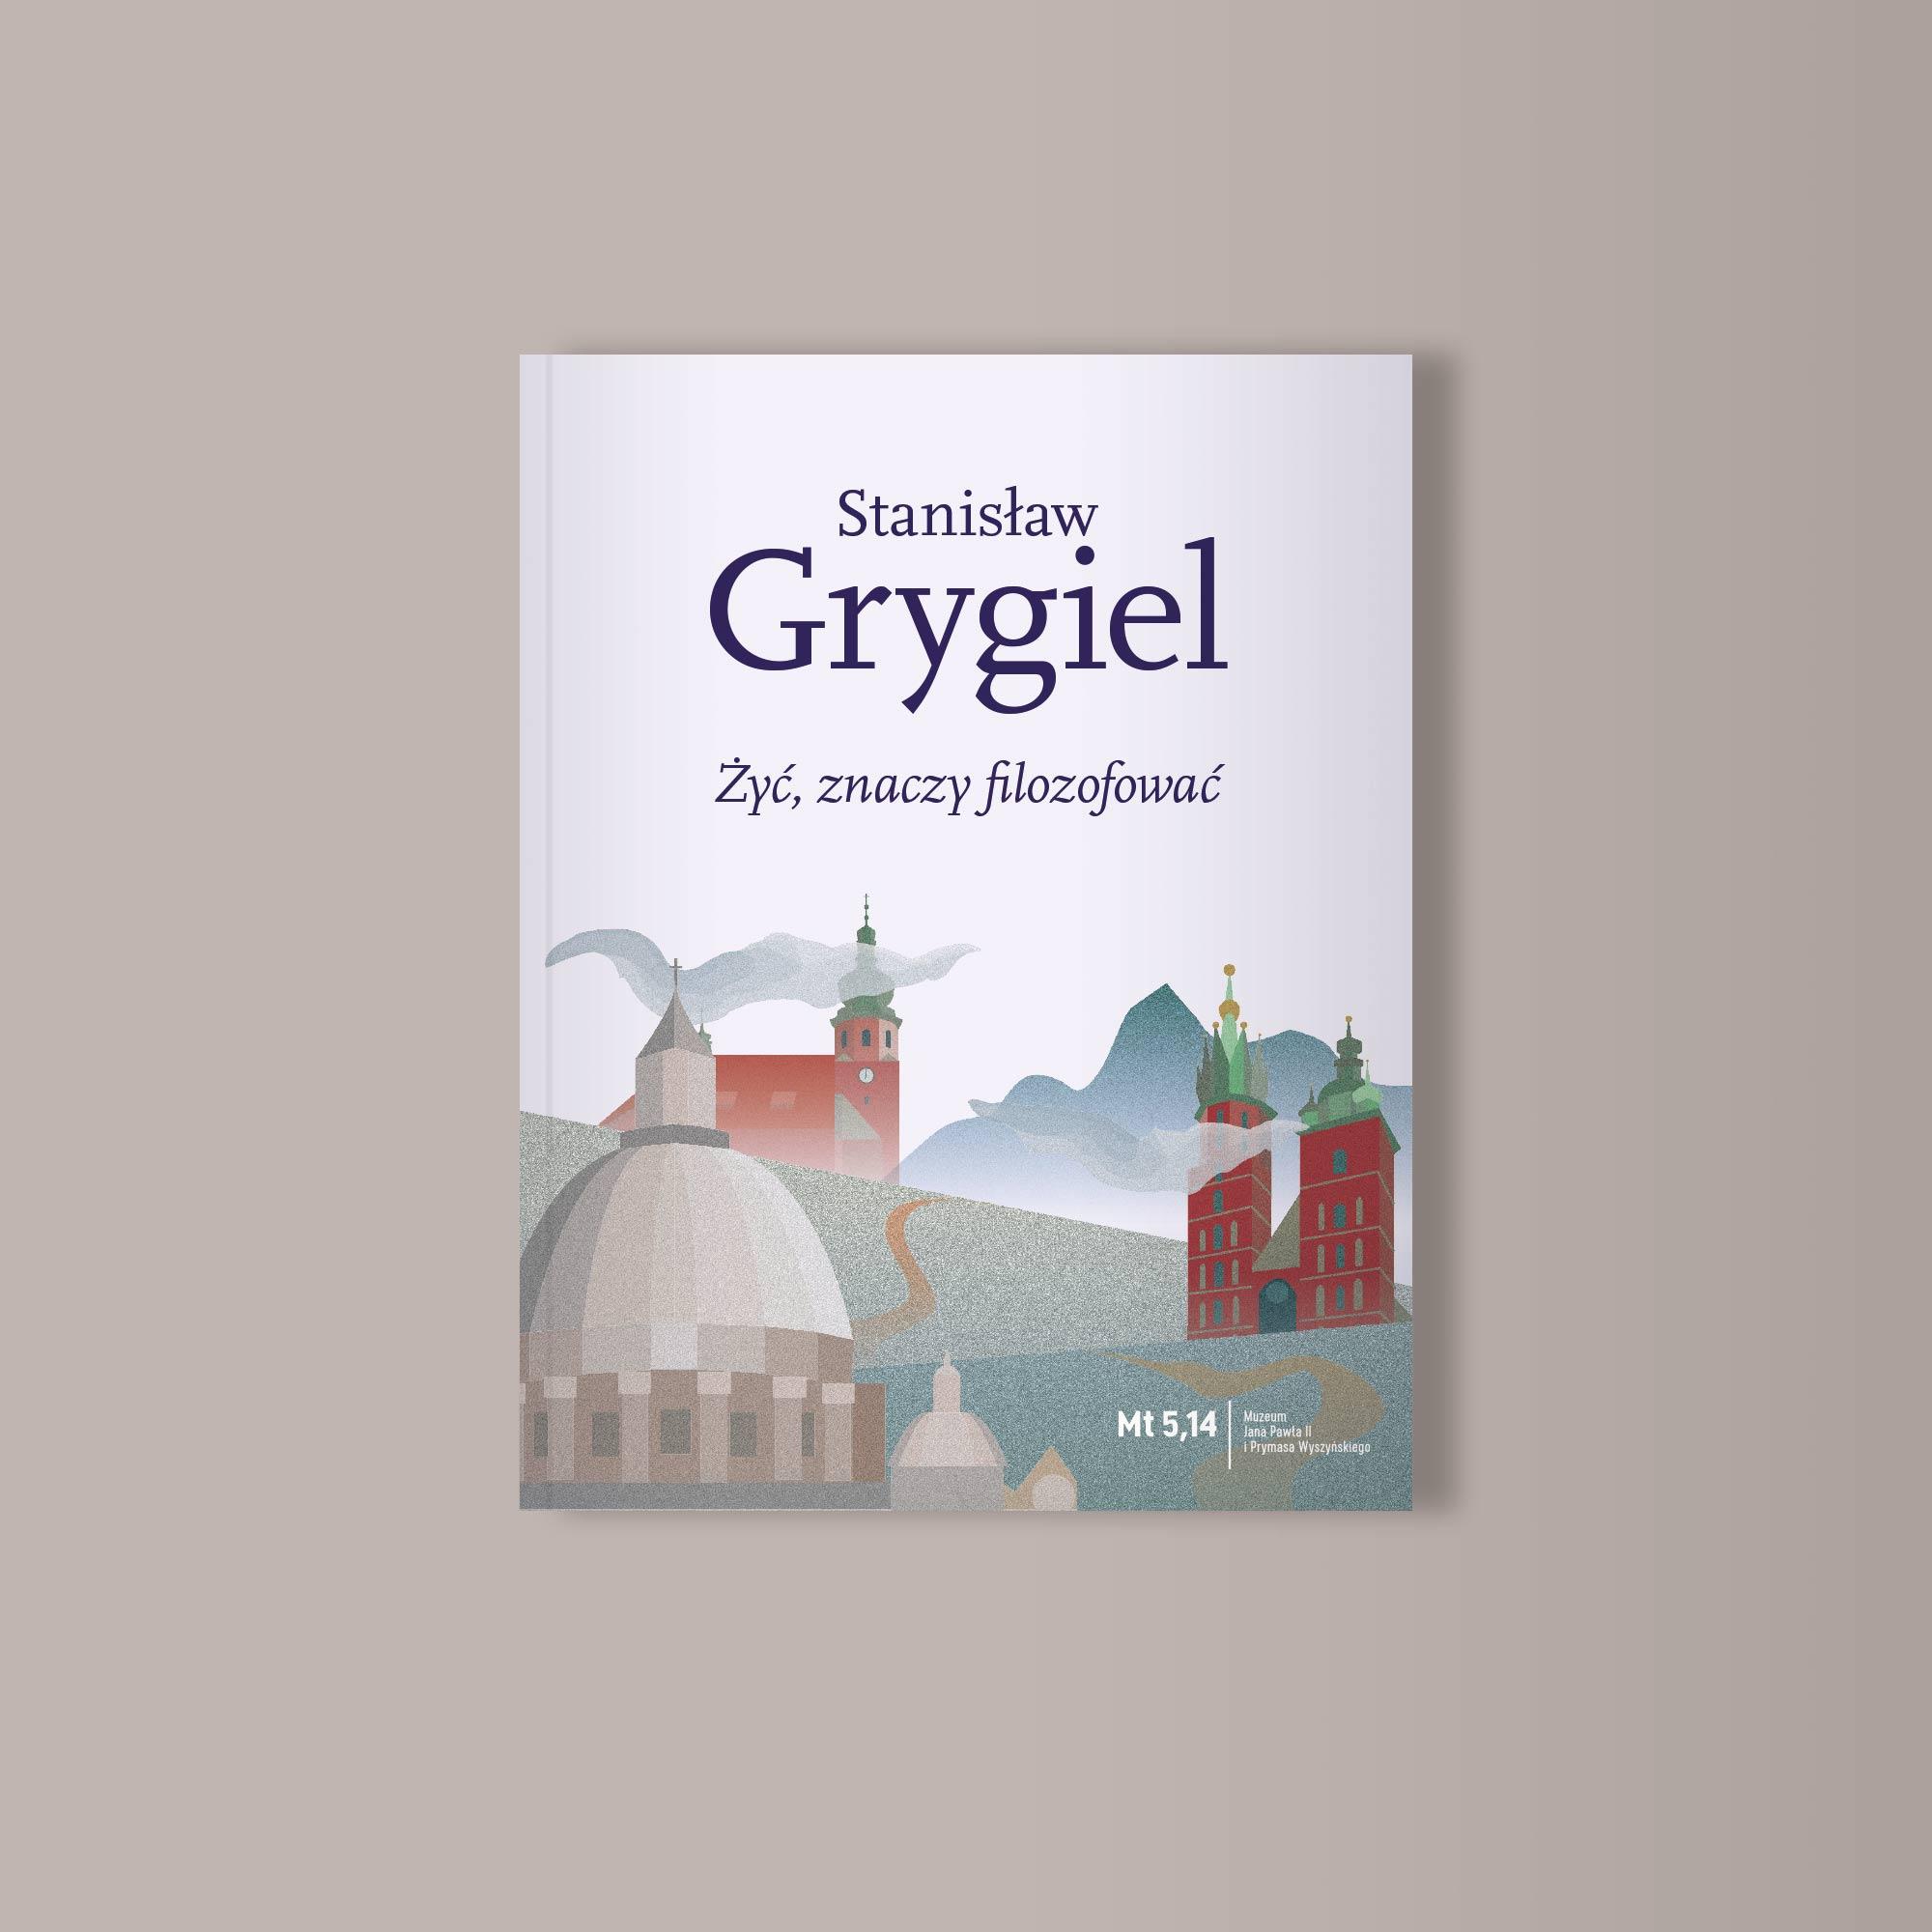 Żyć znaczy filozofować Stanisław Grygiel; projekt Grzegorz Fijas